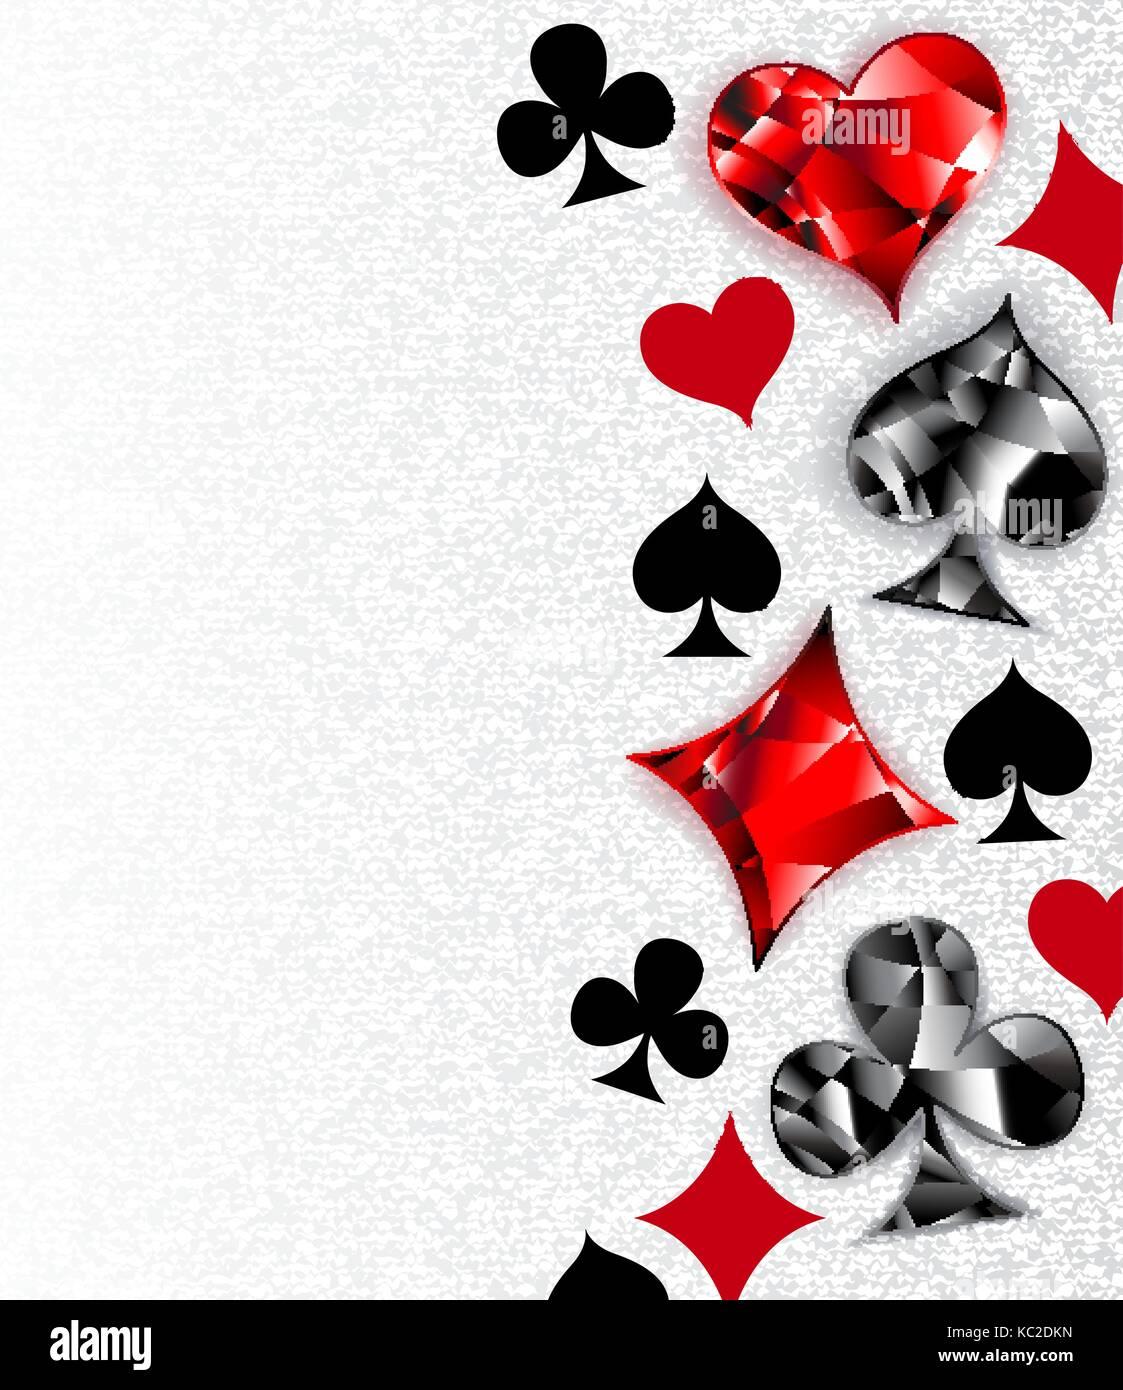 Fond texturé, gris avec des cartes à jouer polygonales. Symboles Symboles de cartes à jouer, cœur, Photo Stock